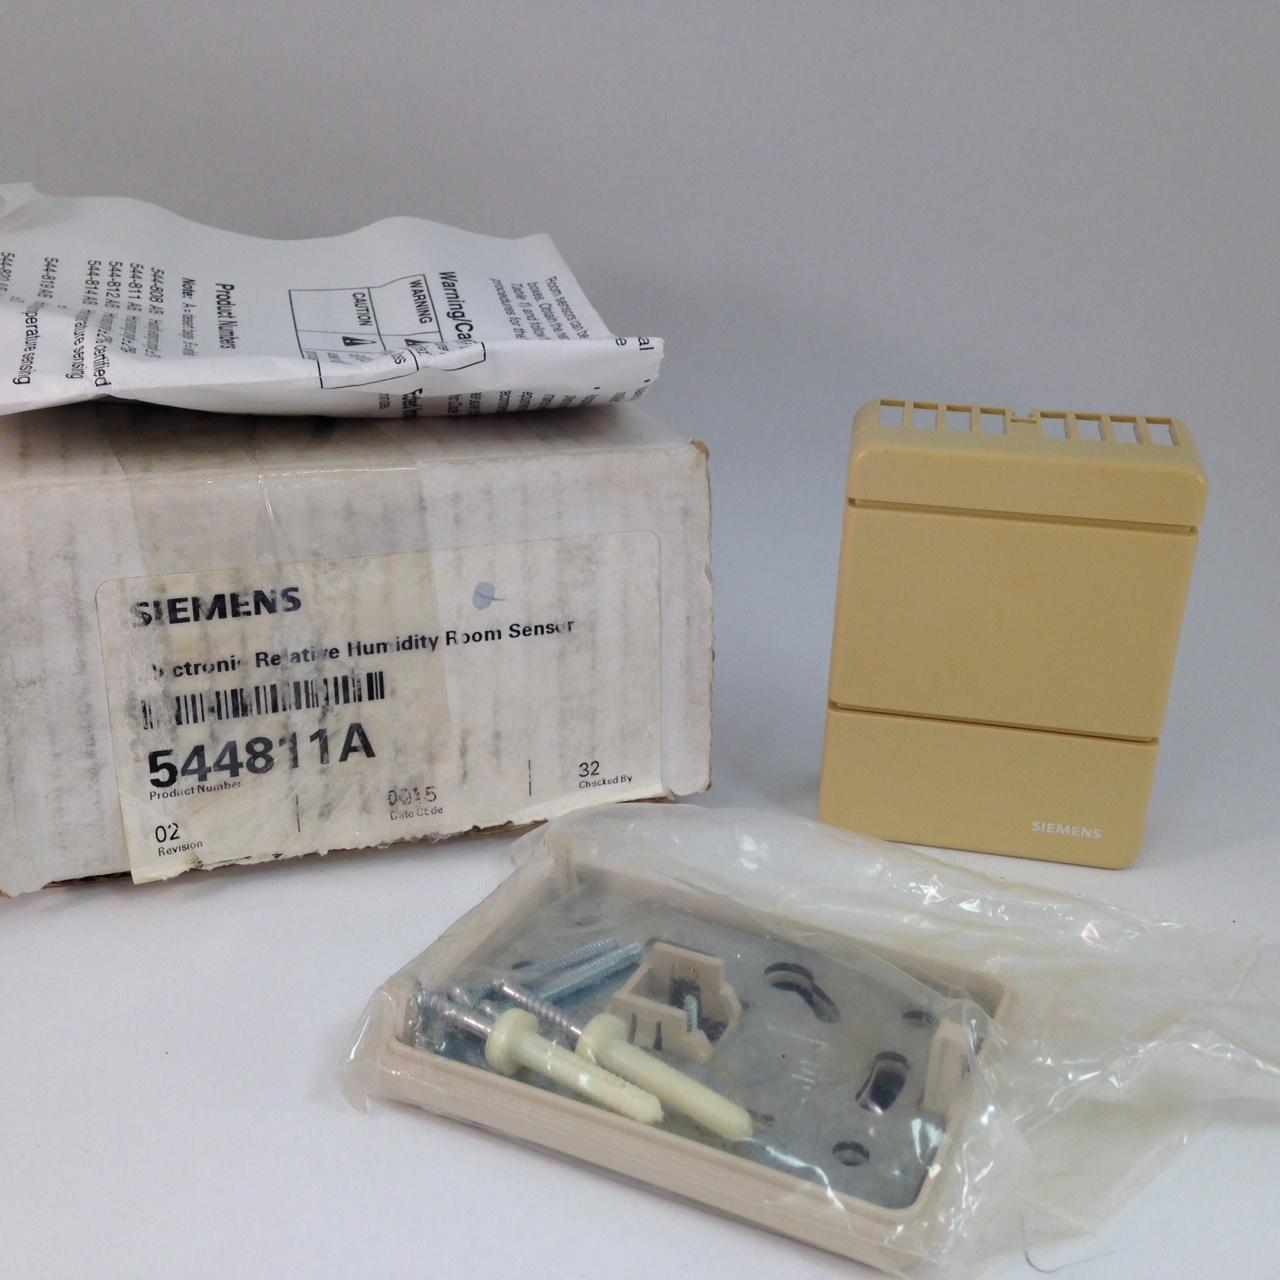 Siemens 544-811A Relative Humidity Sensor, Desert Beige